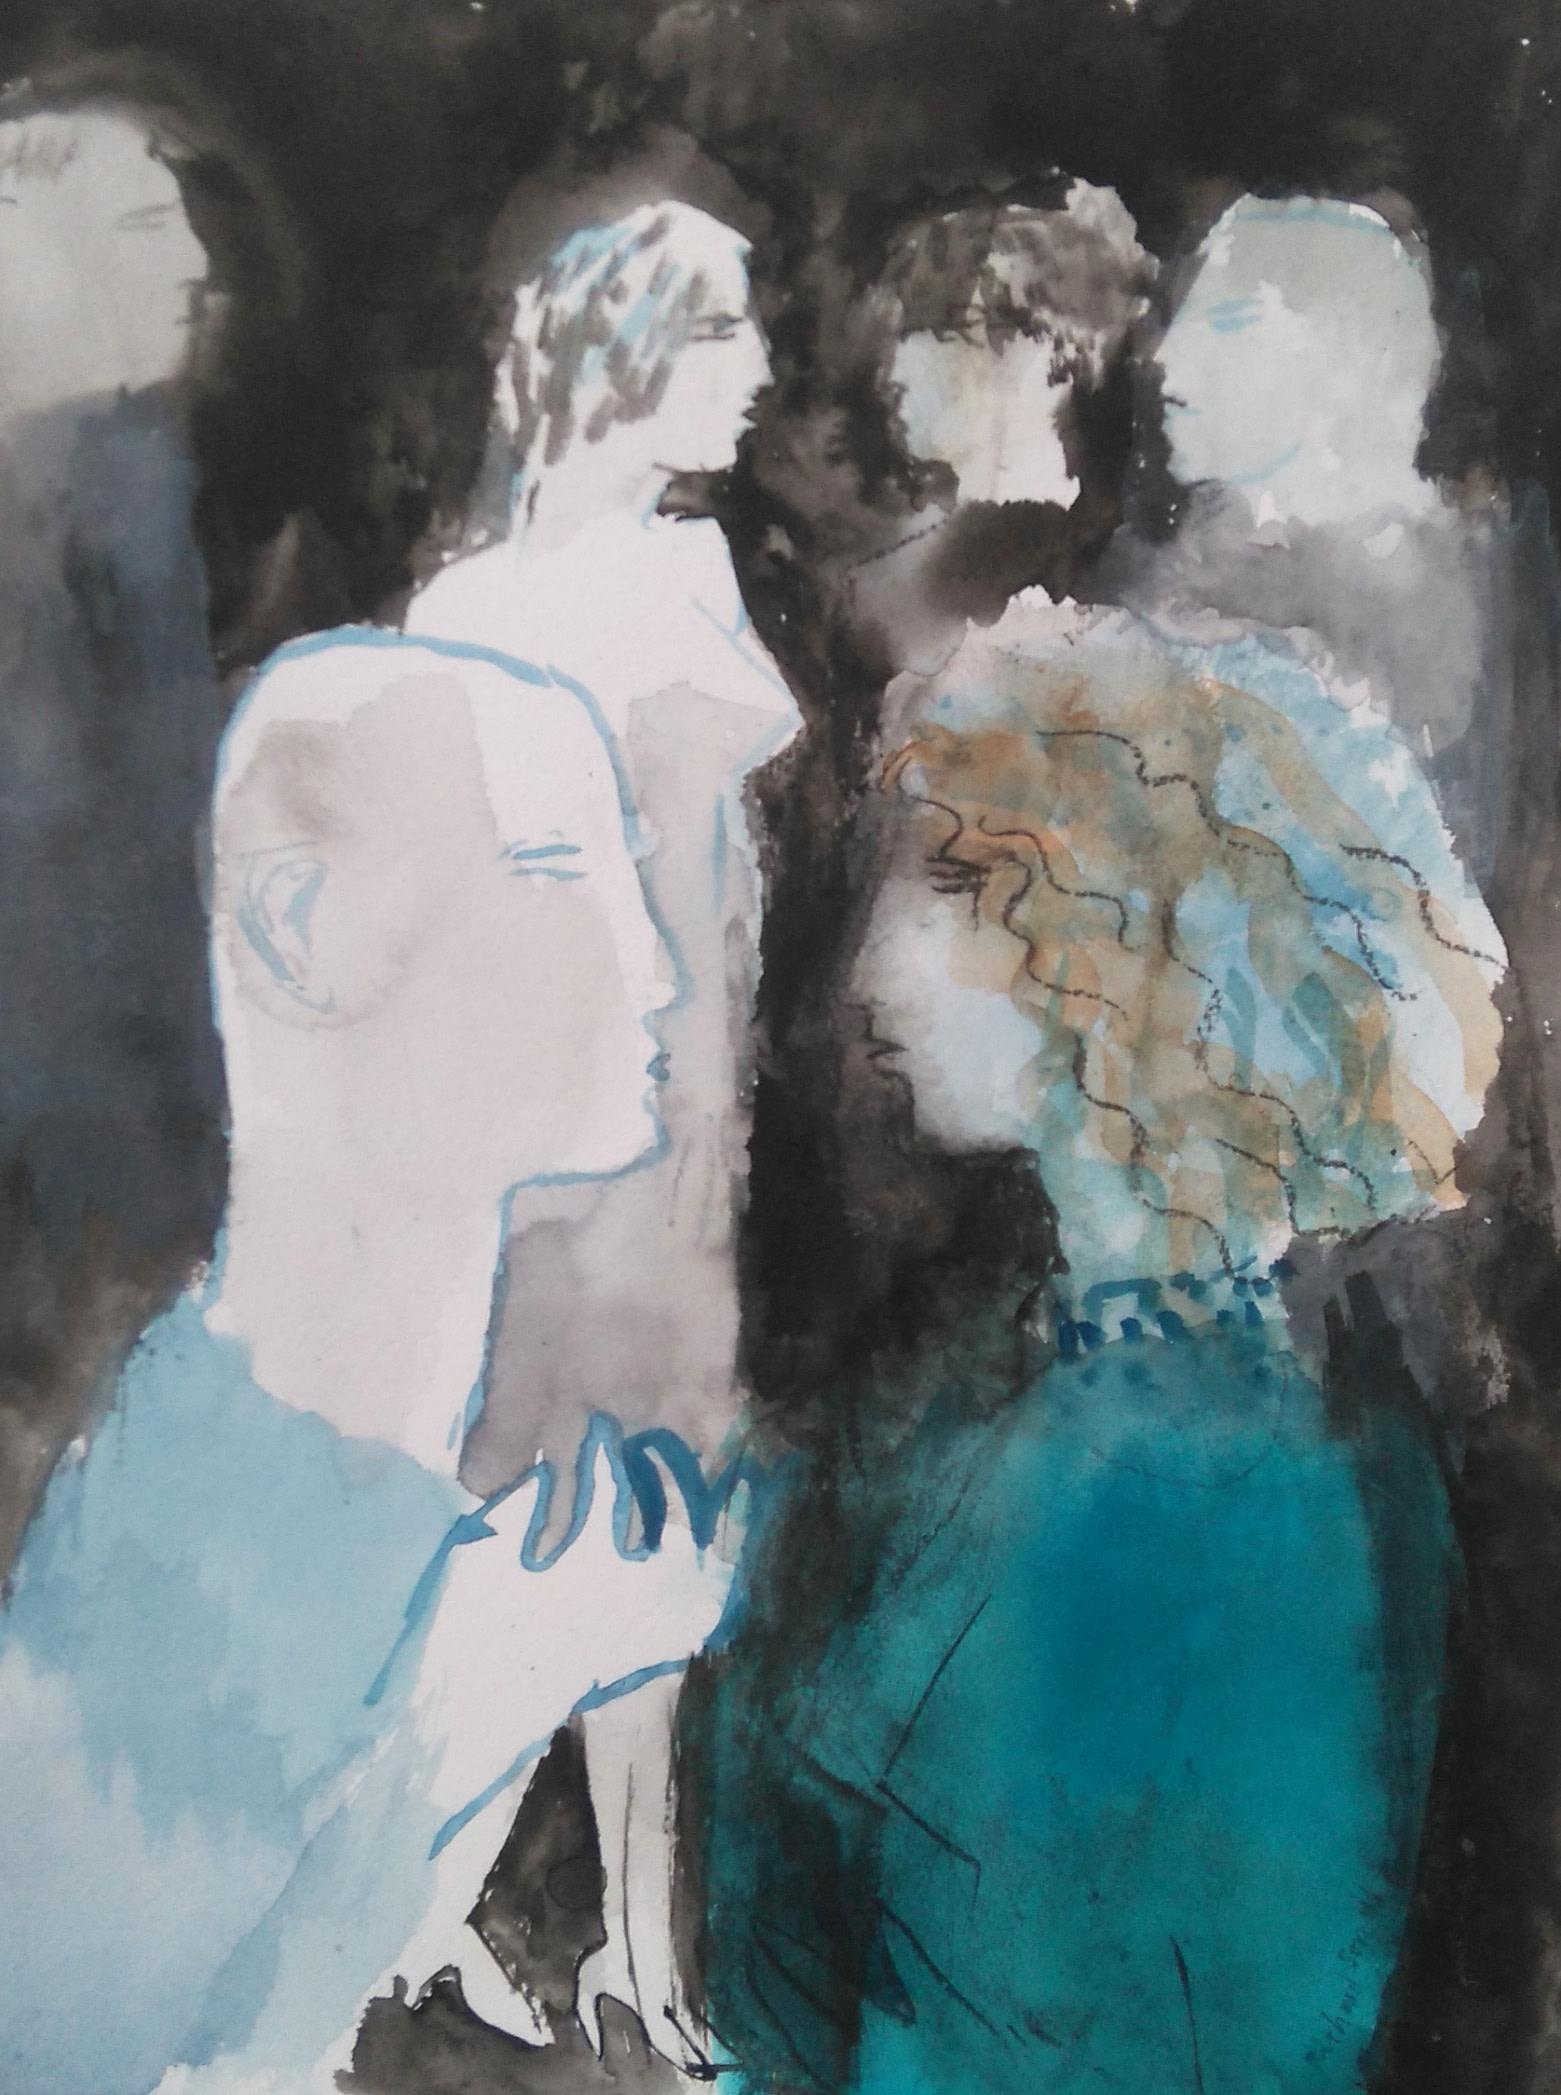 <span class=&#34;link fancybox-details-link&#34;><a href=&#34;/exhibitions/24/works/artworks_standalone10802/&#34;>View Detail Page</a></span><div class=&#34;artist&#34;><span class=&#34;artist&#34;><strong>Richard Sorrell</strong></span></div><div class=&#34;title&#34;><em>A Party</em></div><div class=&#34;medium&#34;>watercolour</div>